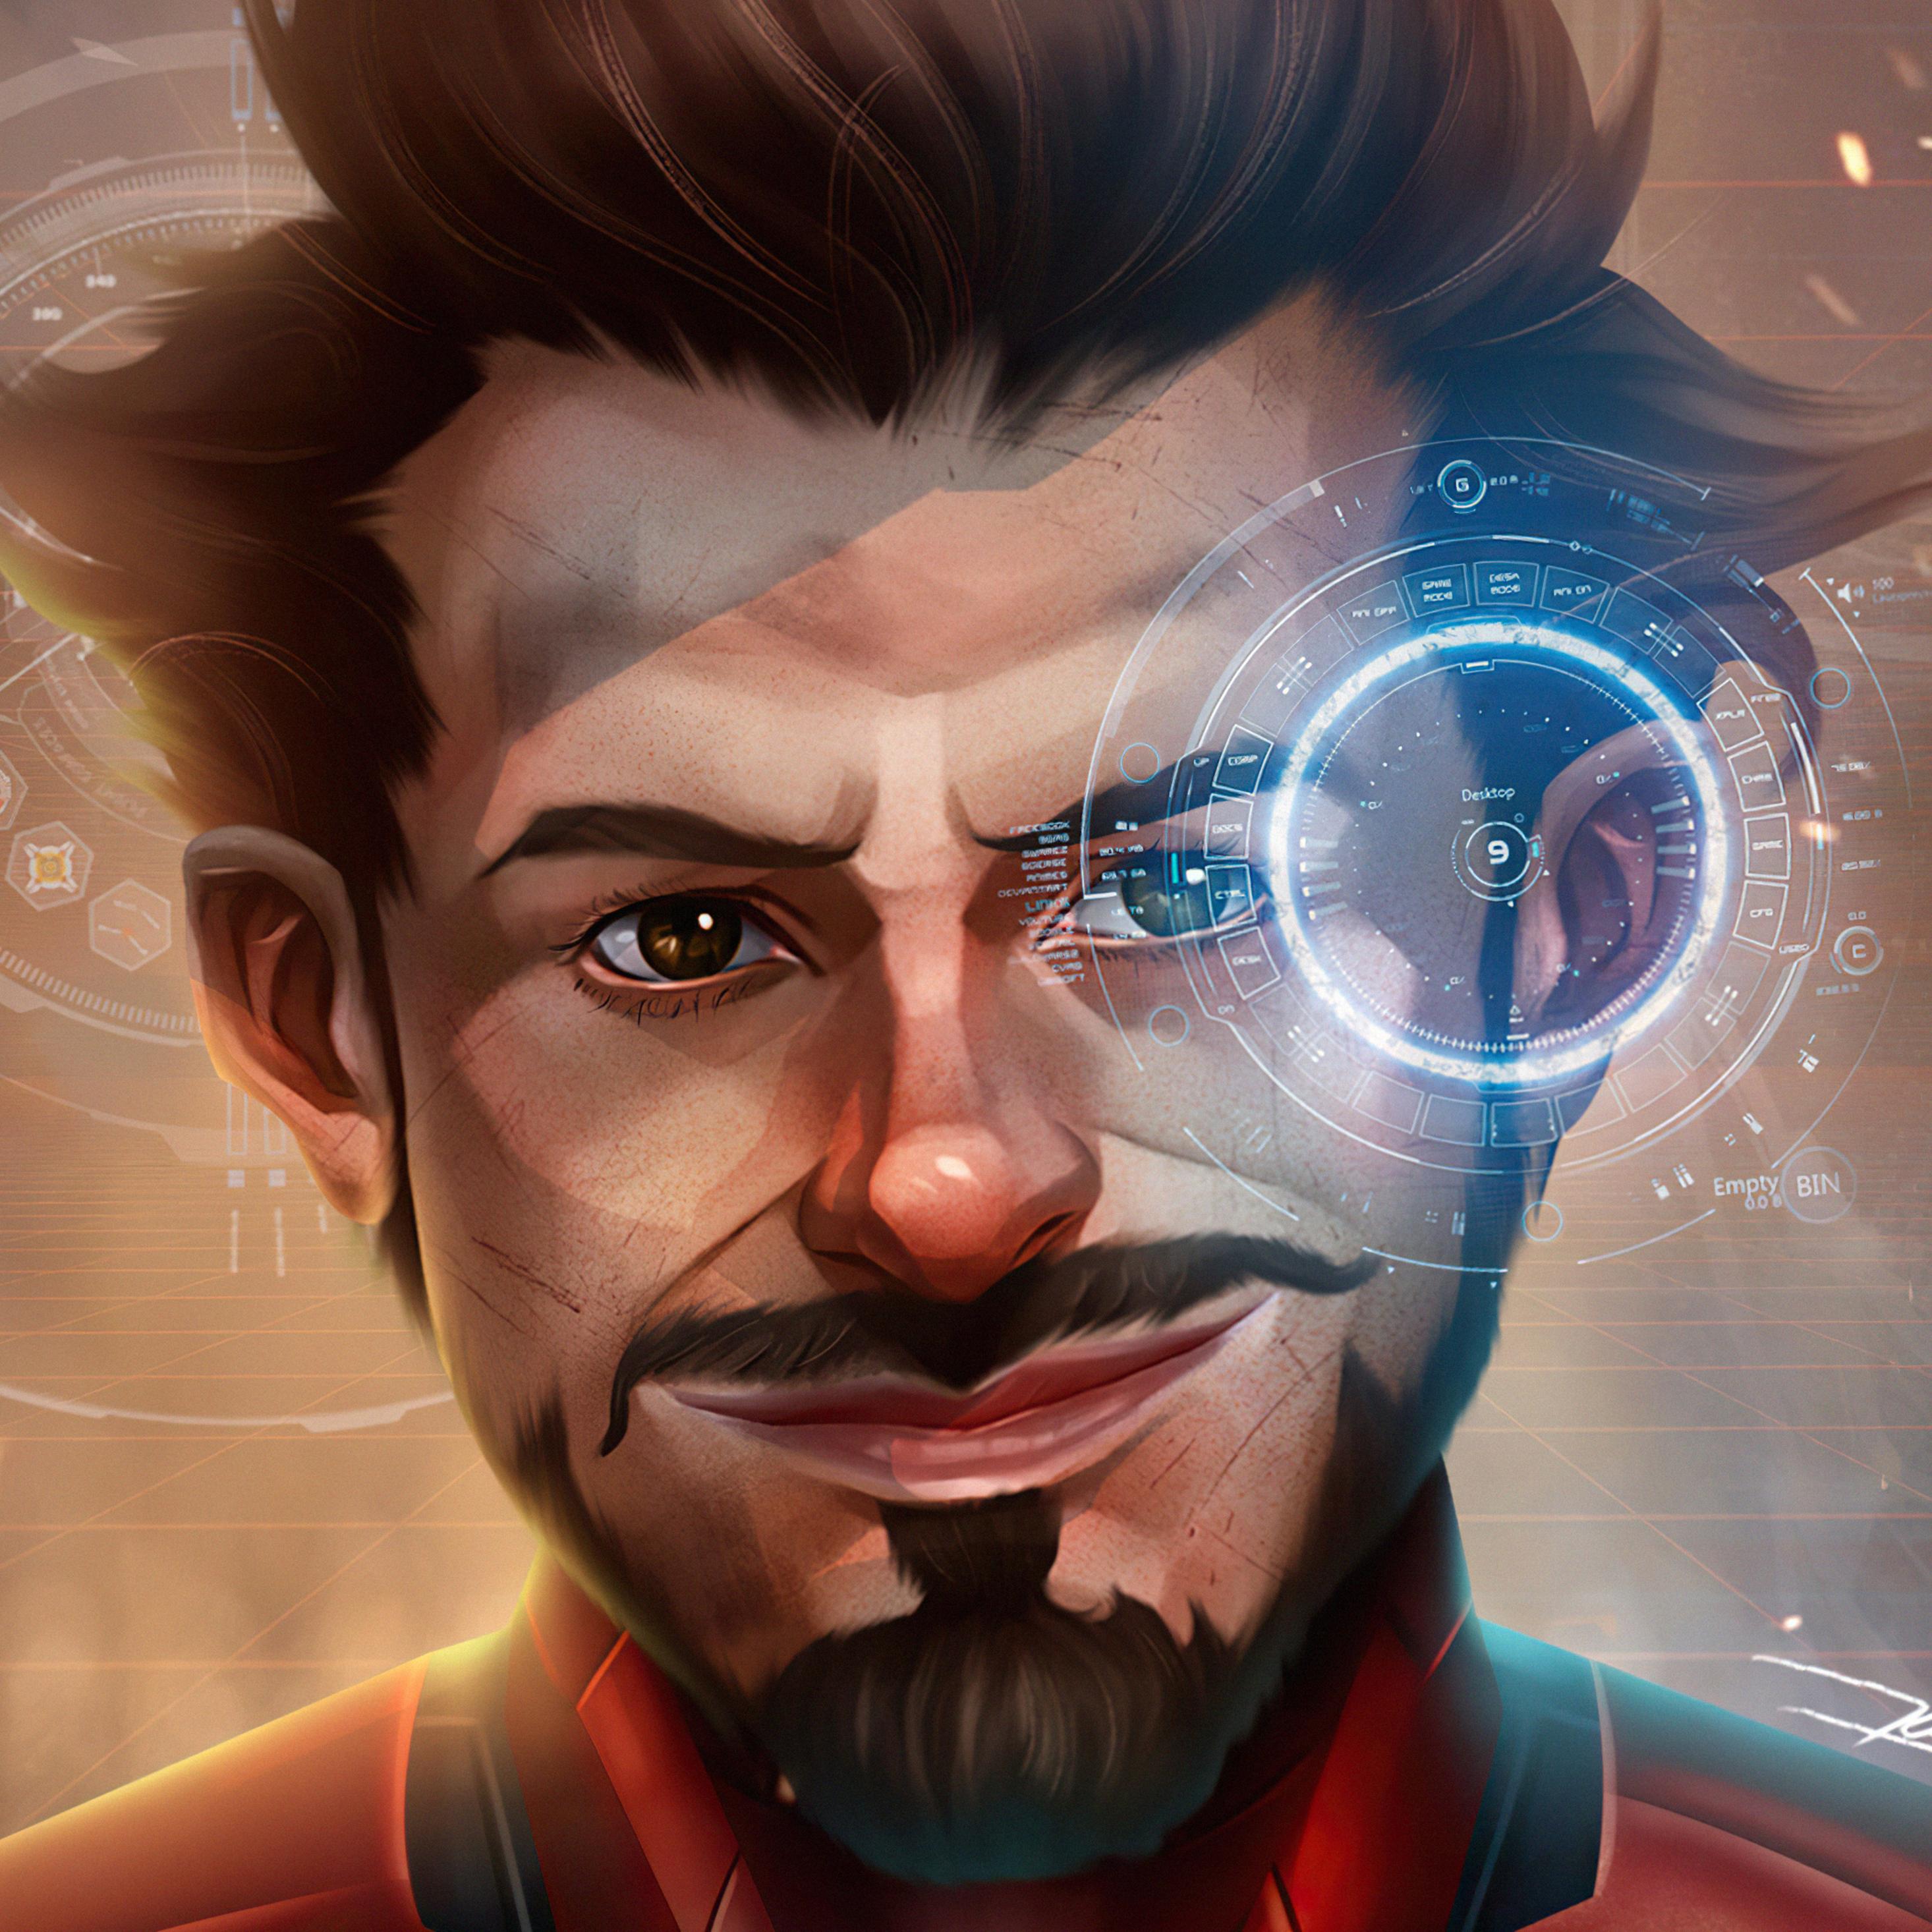 iron-man-avengers-fan-art-km.jpg